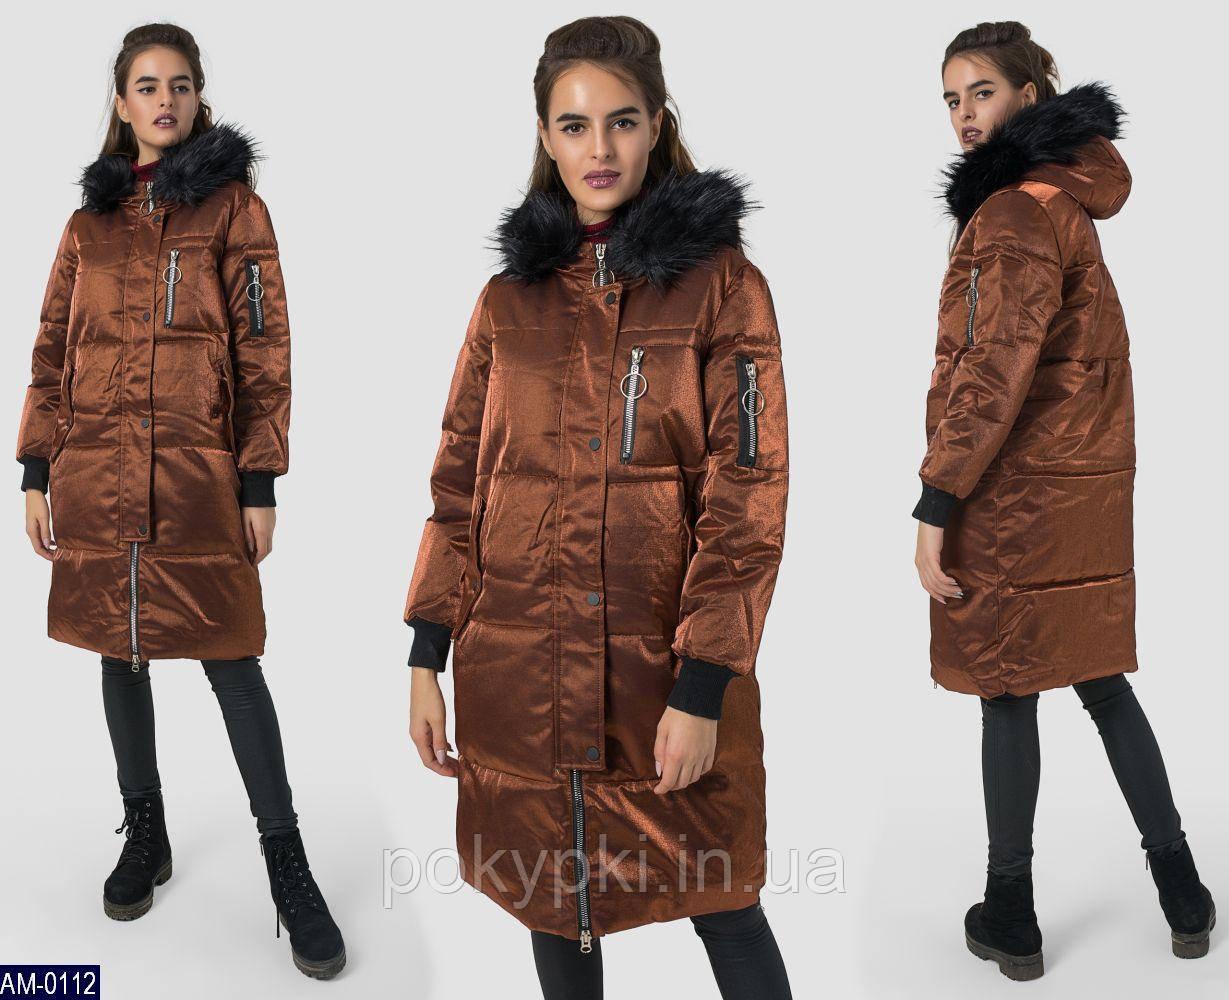 5a0740201fb Стильное зимняя женская куртка пуховик с капюшоном на молнии и кнопках цвет  бронза на полных женщин